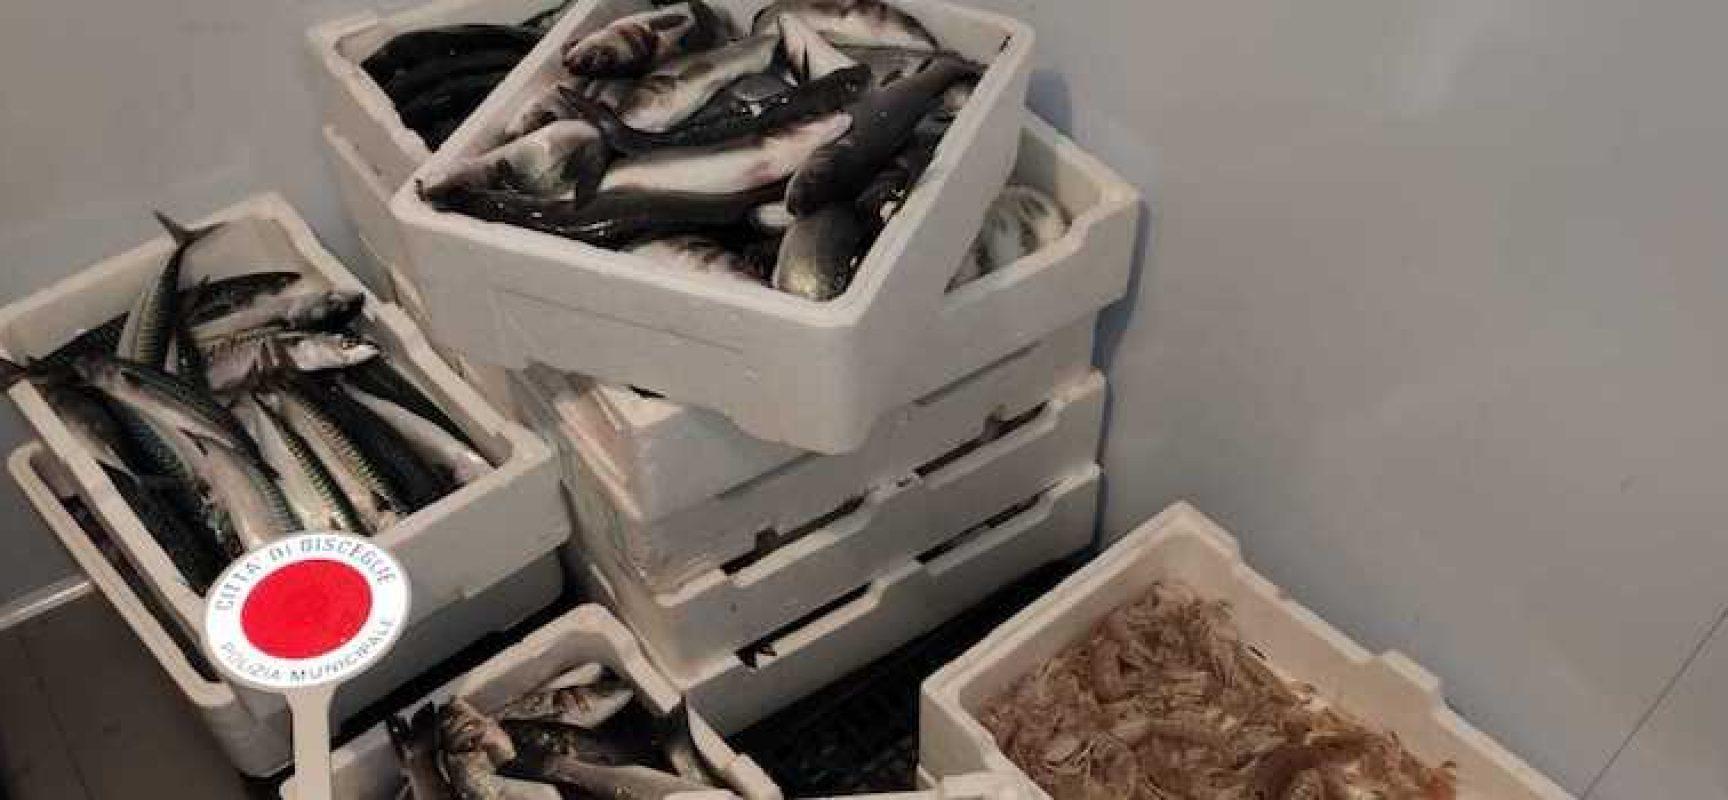 Commercio abusivo, donati in beneficenza i prodotti alimentari sequestrati